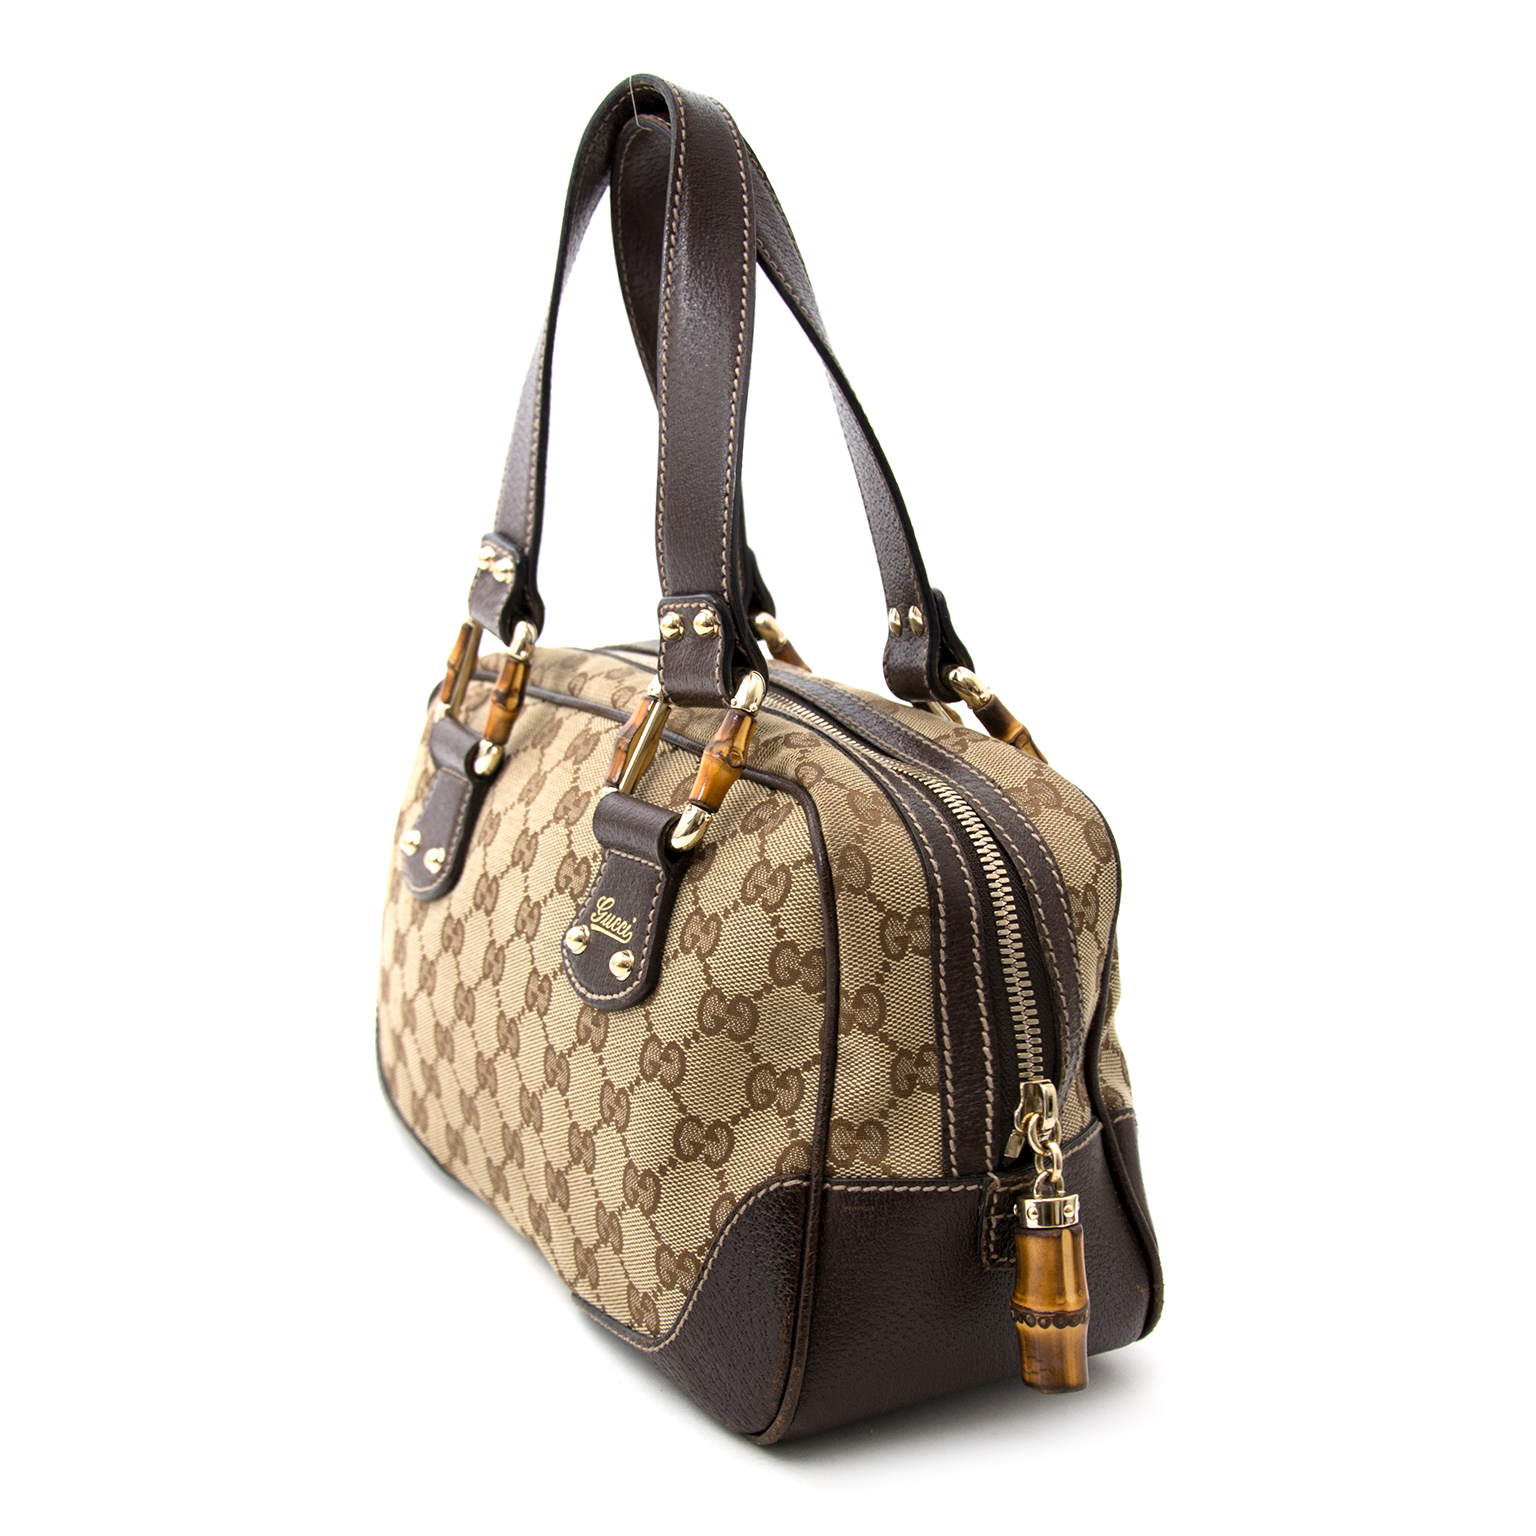 Acheter en ligne chez labellov.com pour le meilleur prix gucci bamboo monogram canvas bag